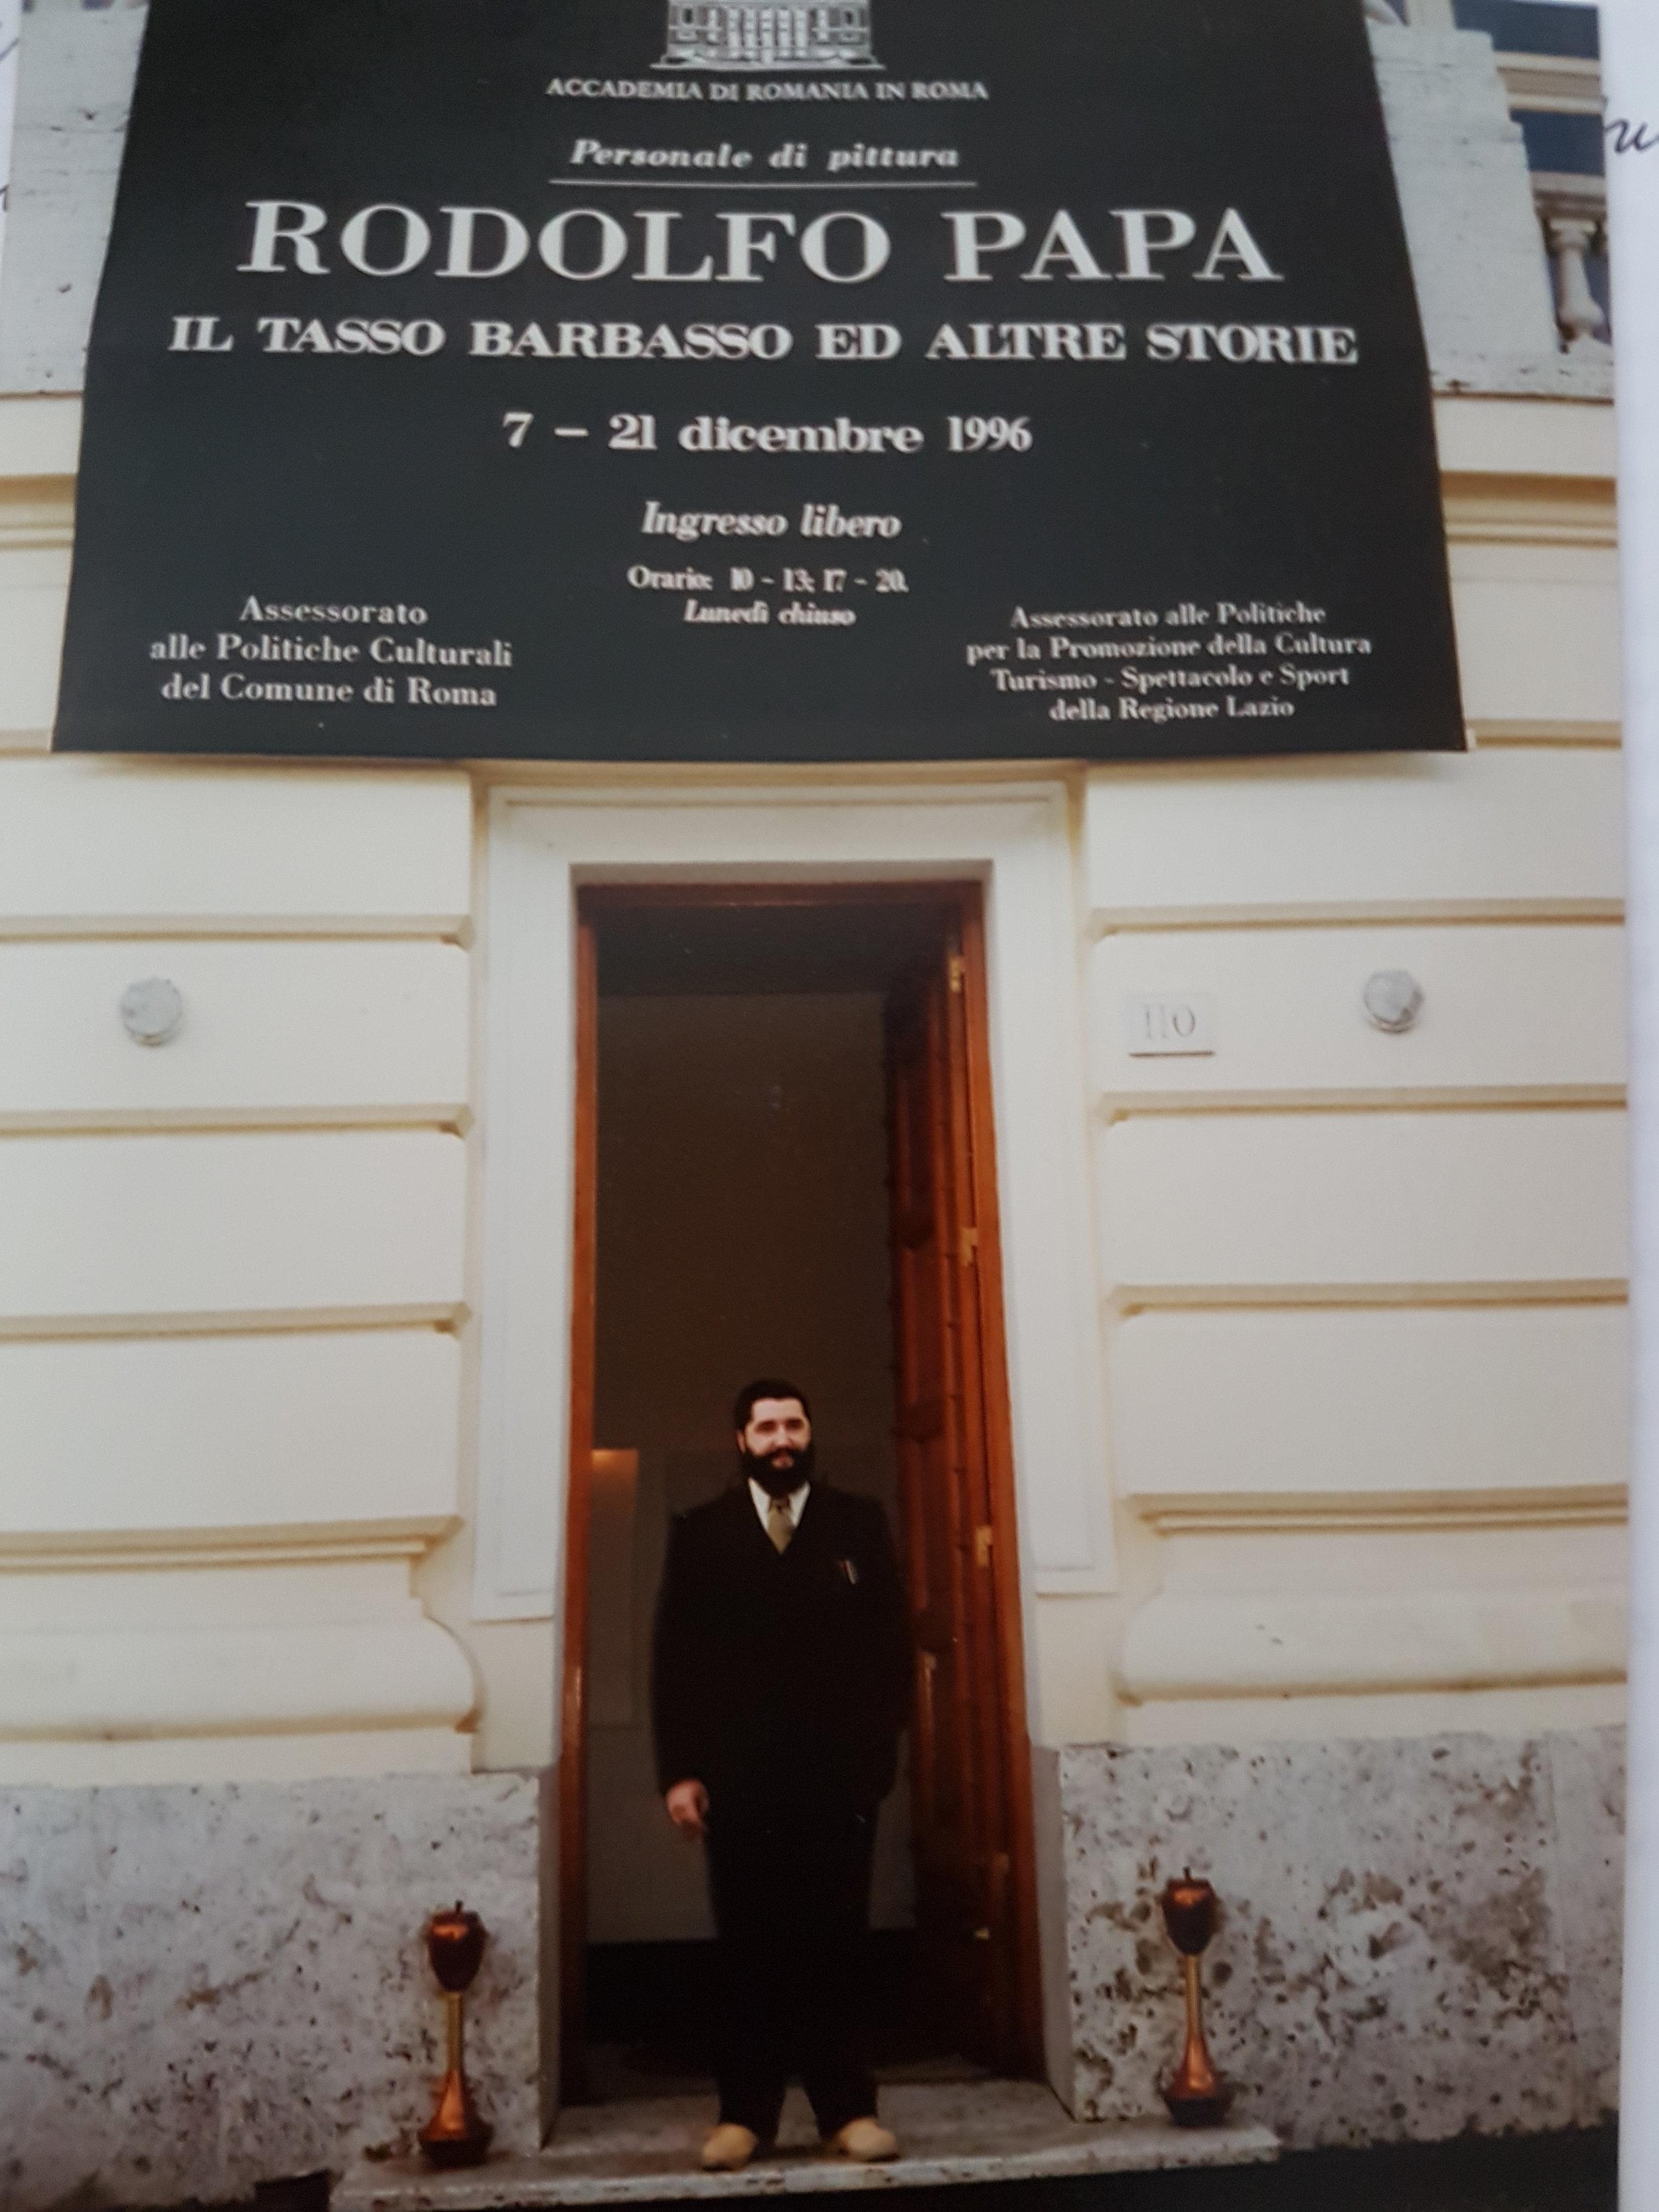 Accademia di Romania 1996 -Personale